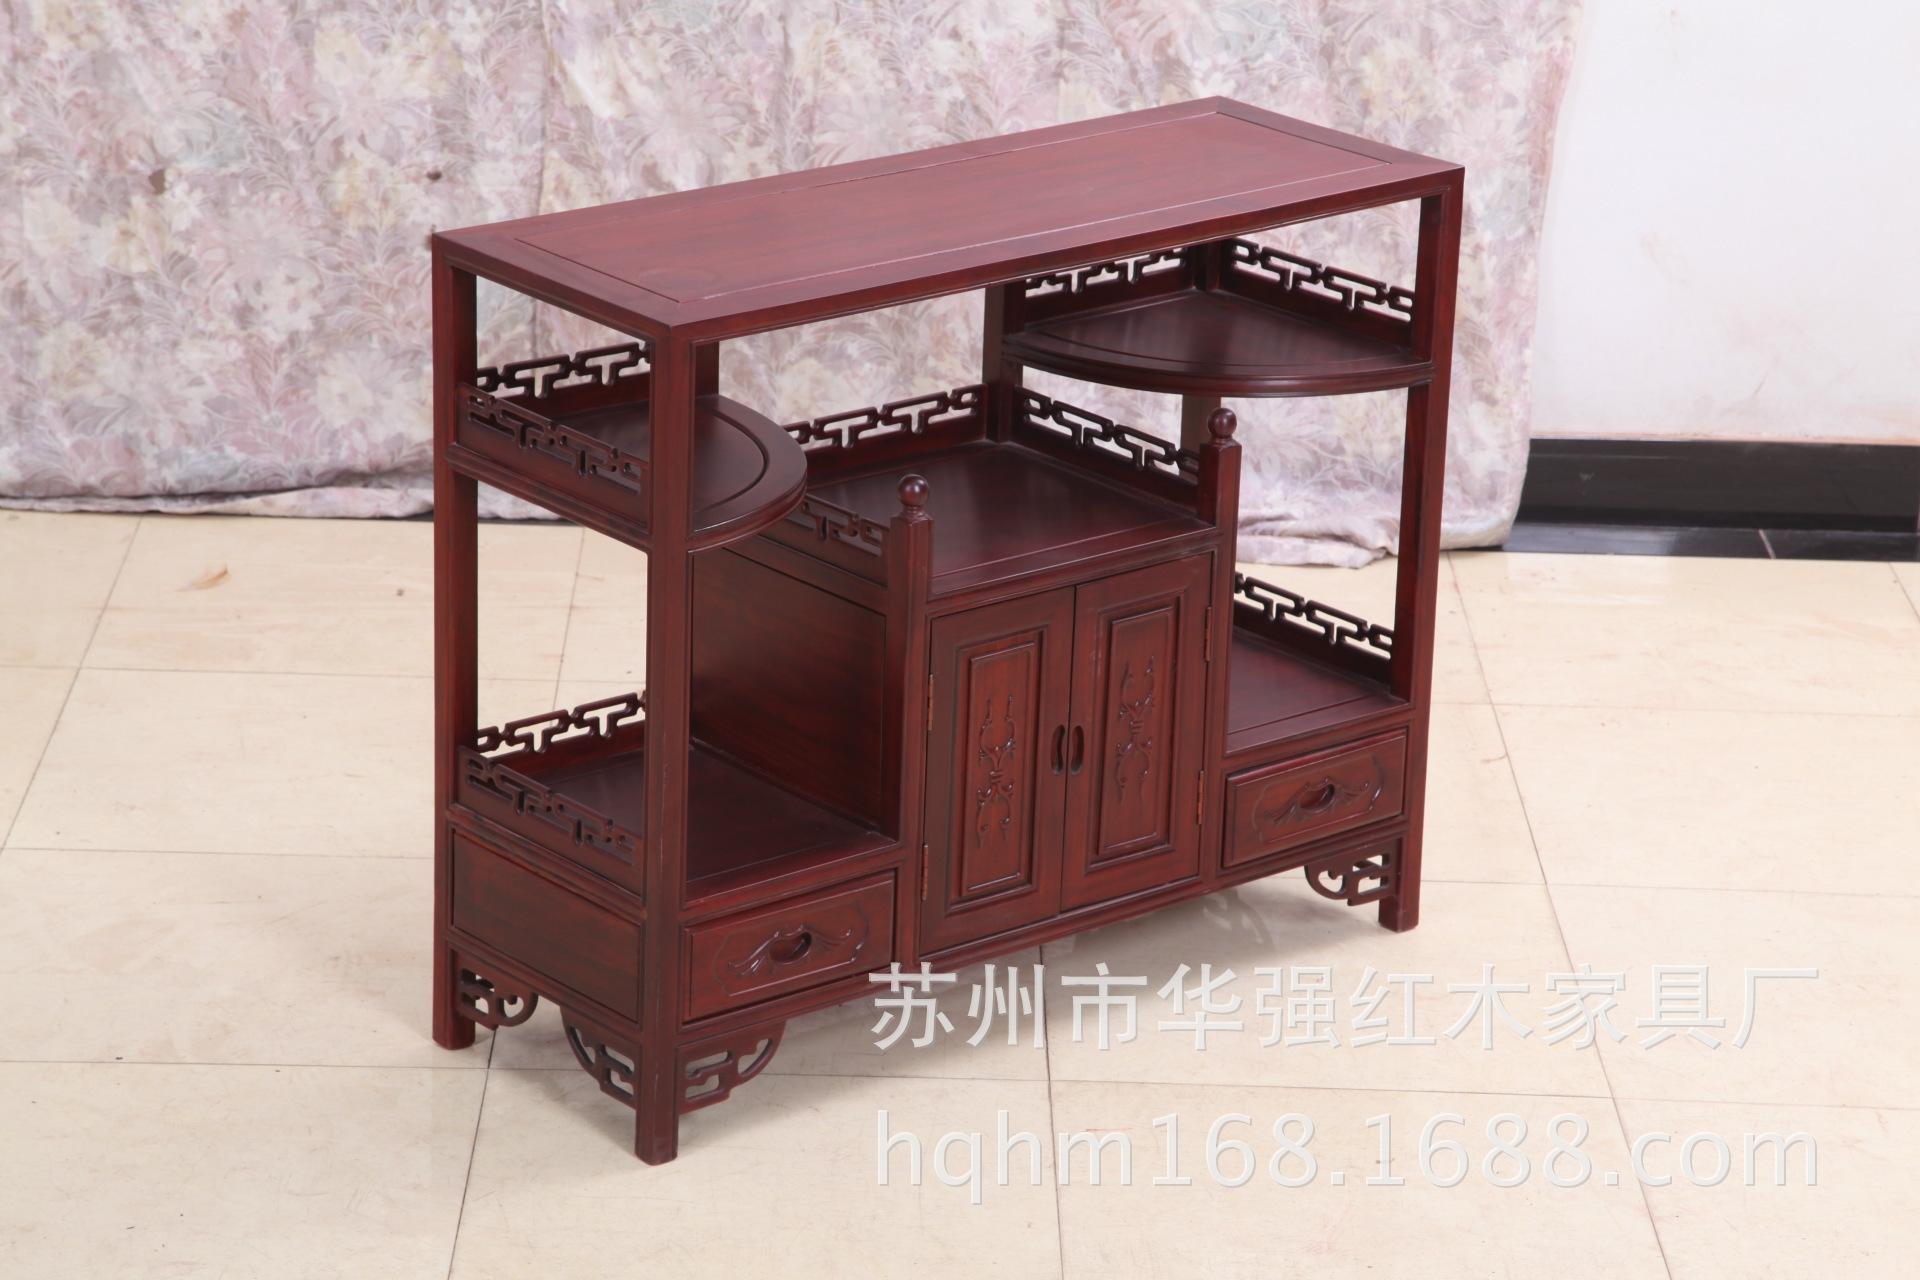 华强红木家具厂红花梨储物柜客厅餐厅红木茶